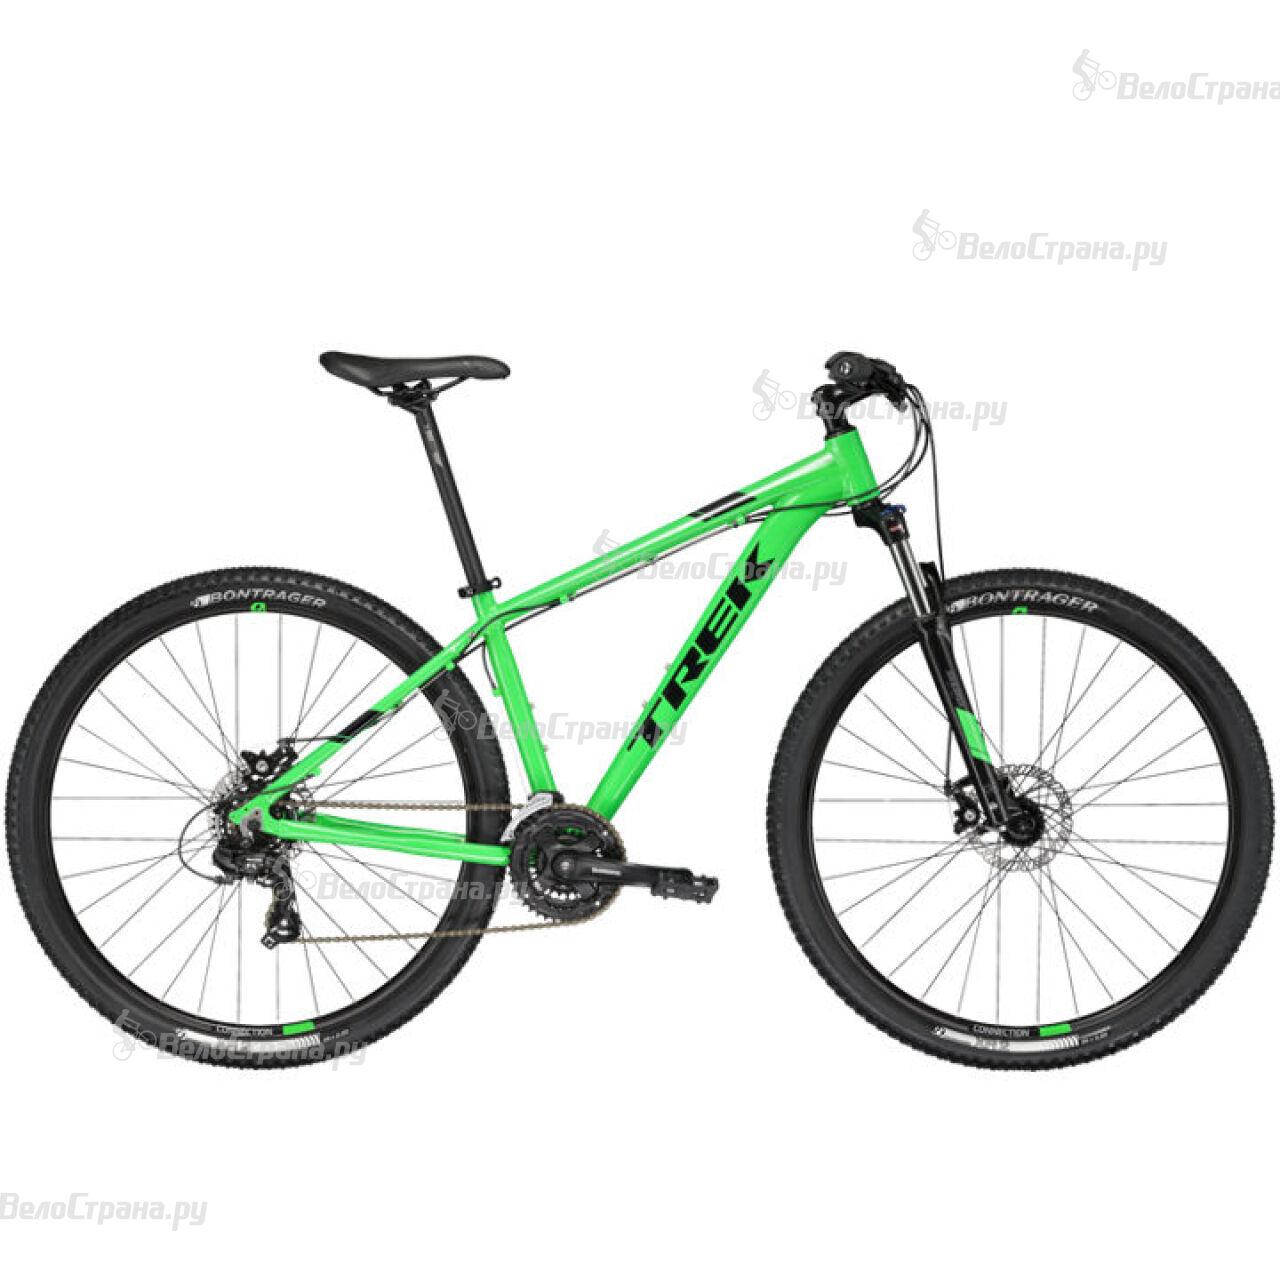 Велосипед Trek Marlin 5 29 (2017) ребенку 8 лет с каким размером колес велосипед